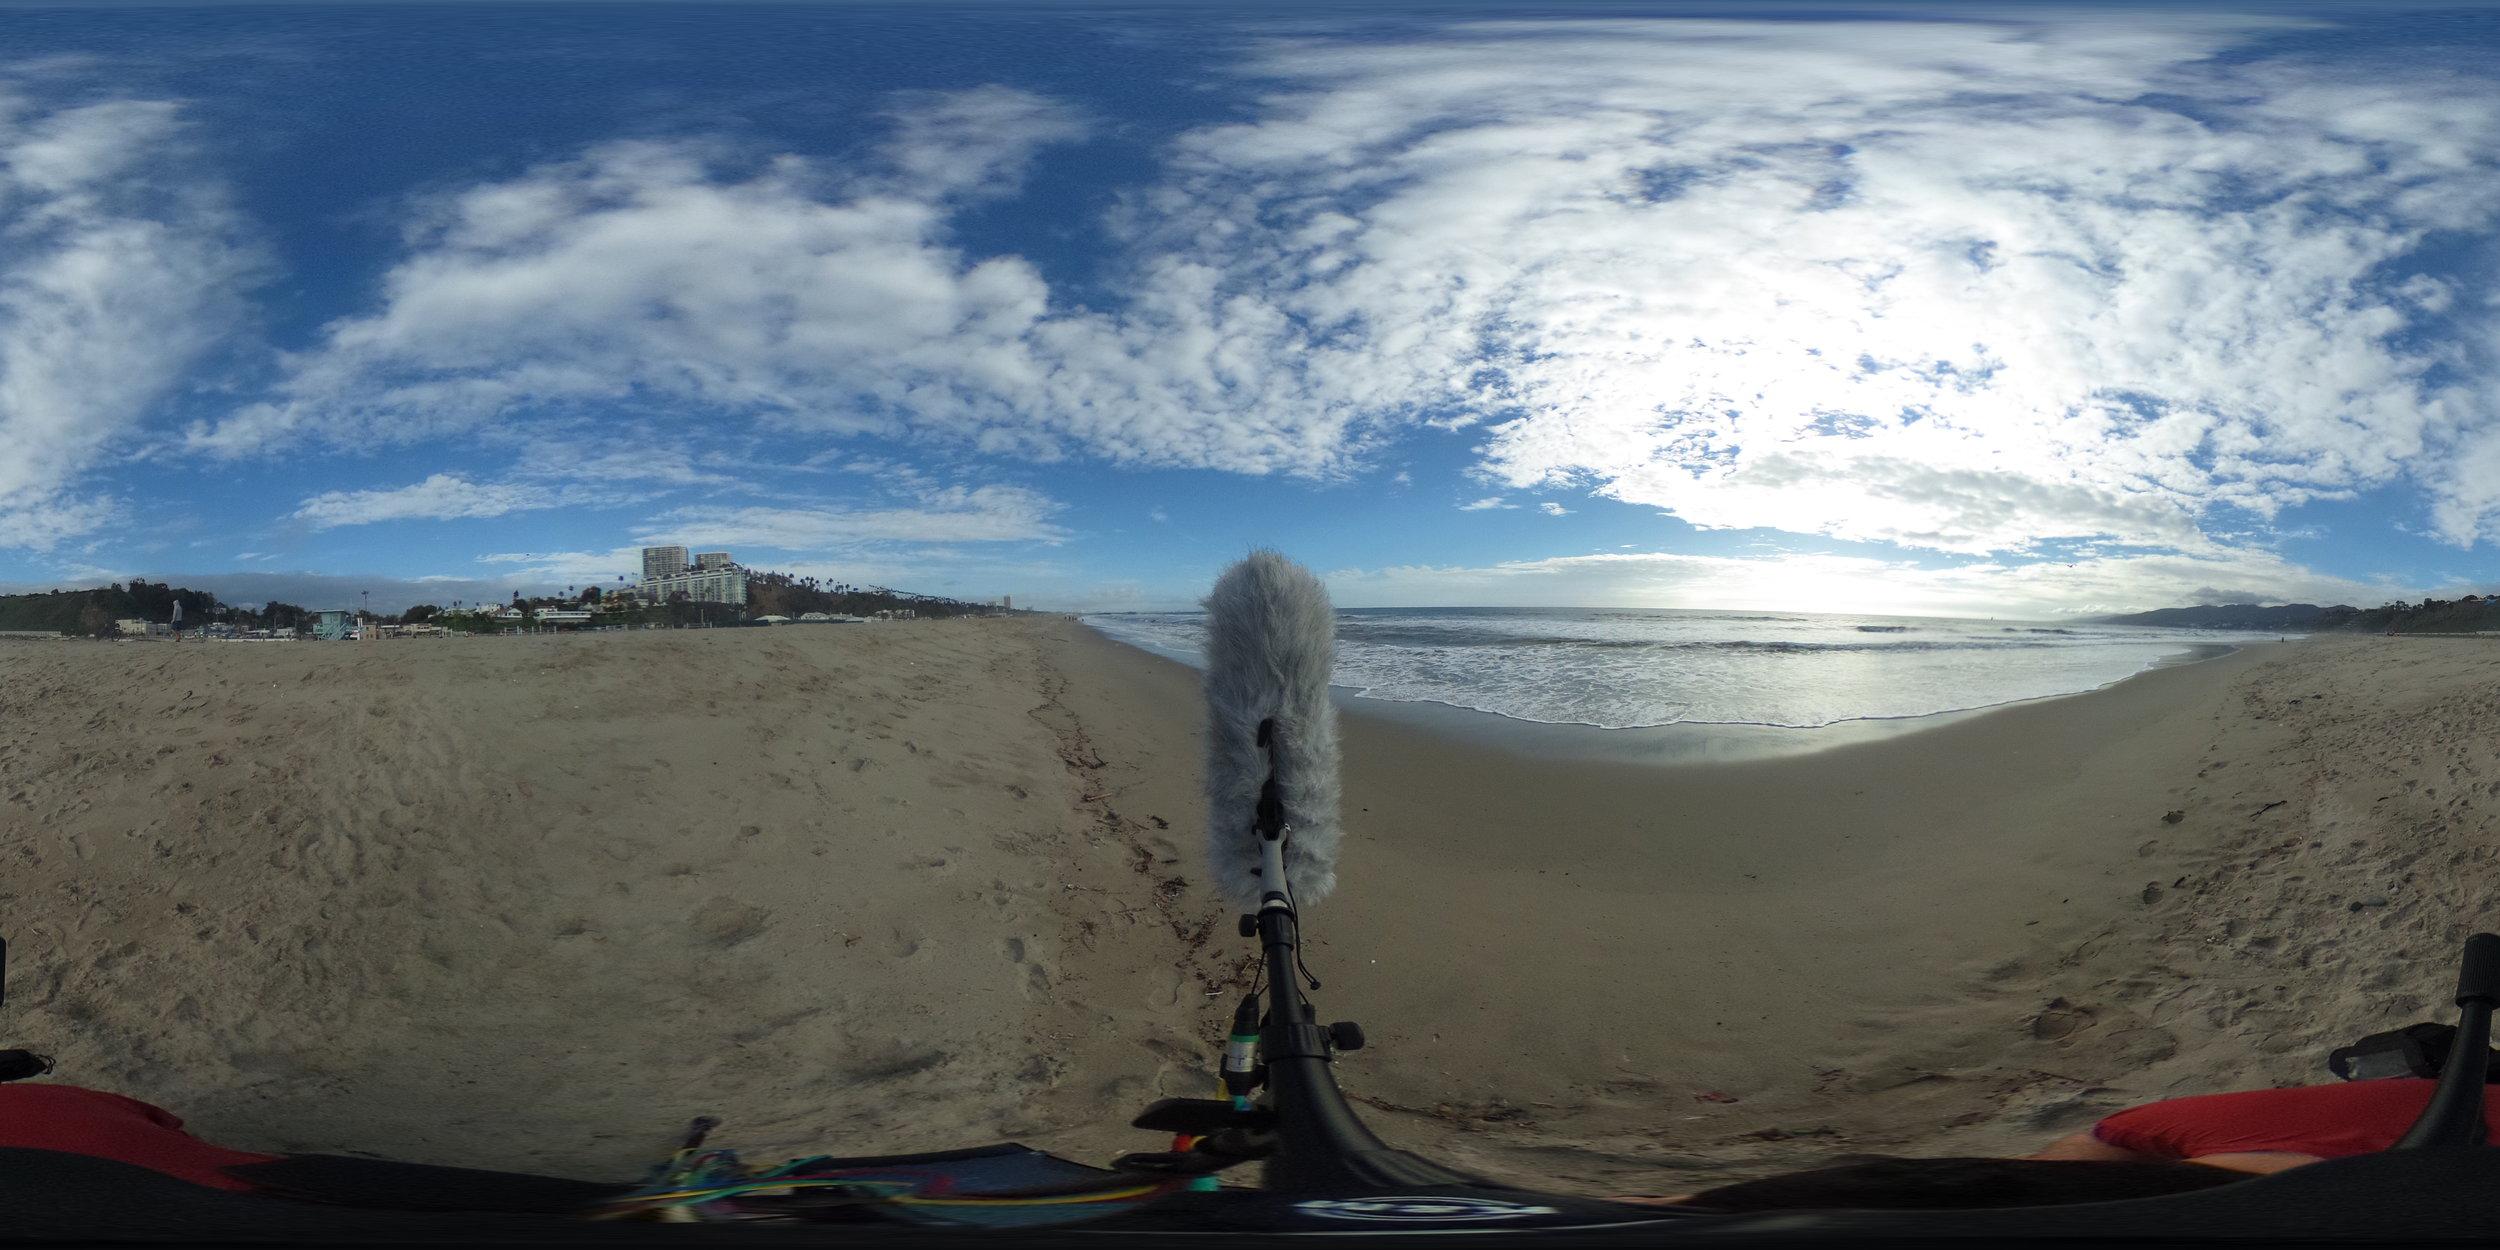 EXT_Day_Beach_OceanWaves_CloseDistance_LightWalla_Footsteps_JPEG.JPG